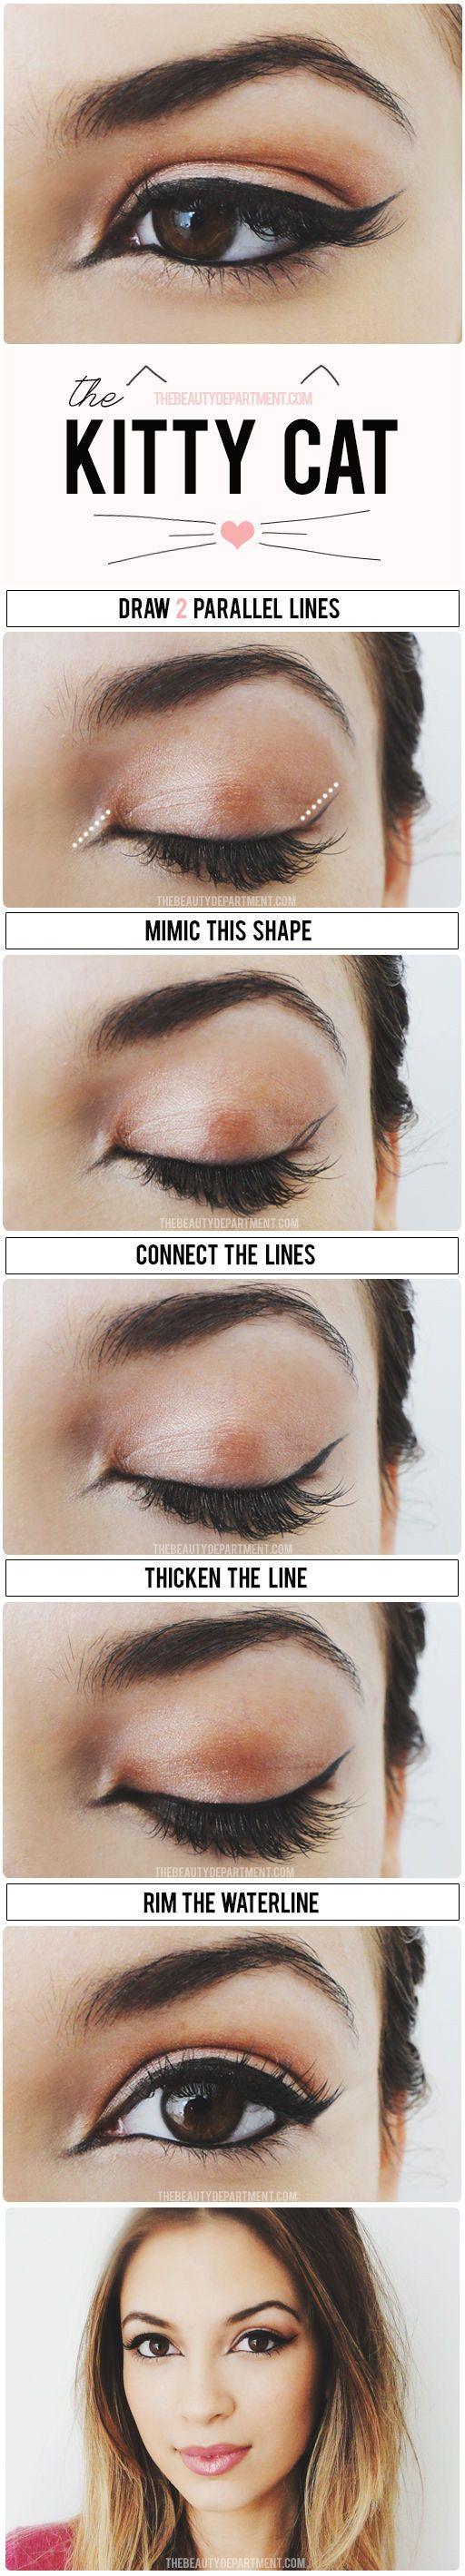 Extiende un delineado de ojo de gato hacia la esquina interna. | 21 Ideas hermosas de maquillaje para cuando quieras impresionar